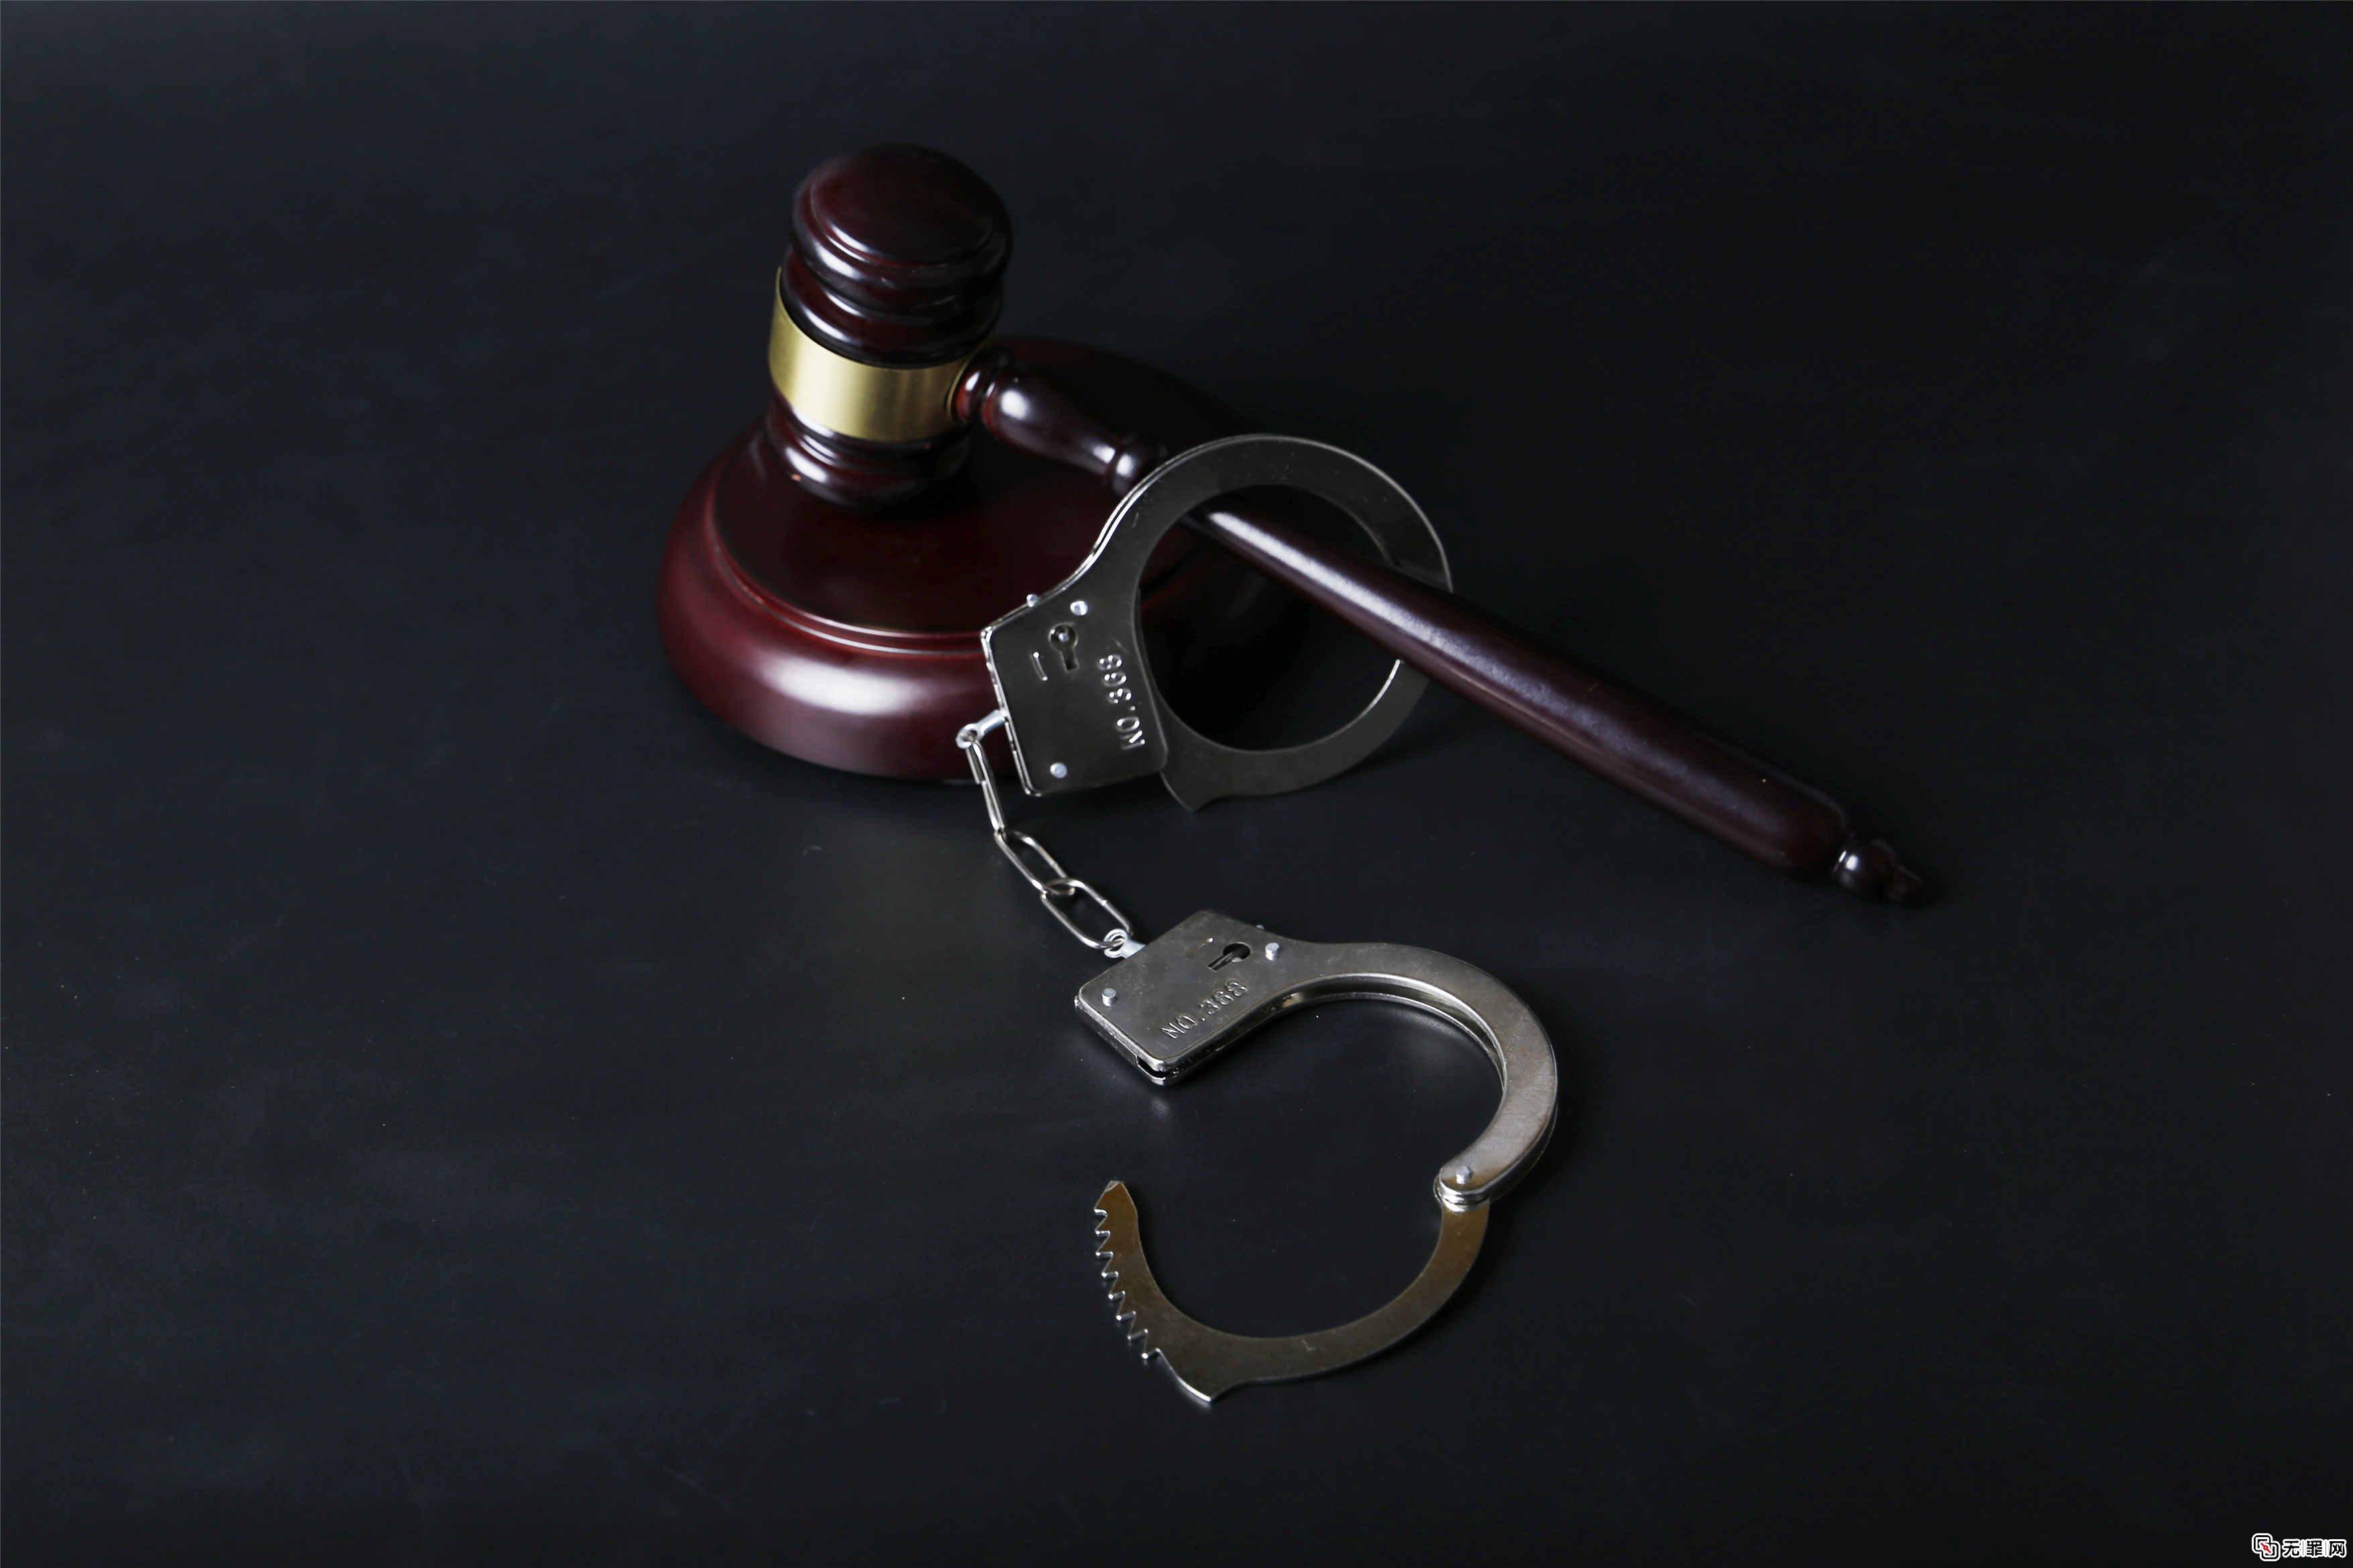 <b>砍伤强行抬人进屋邻居,法院认定正当防卫无罪</b>